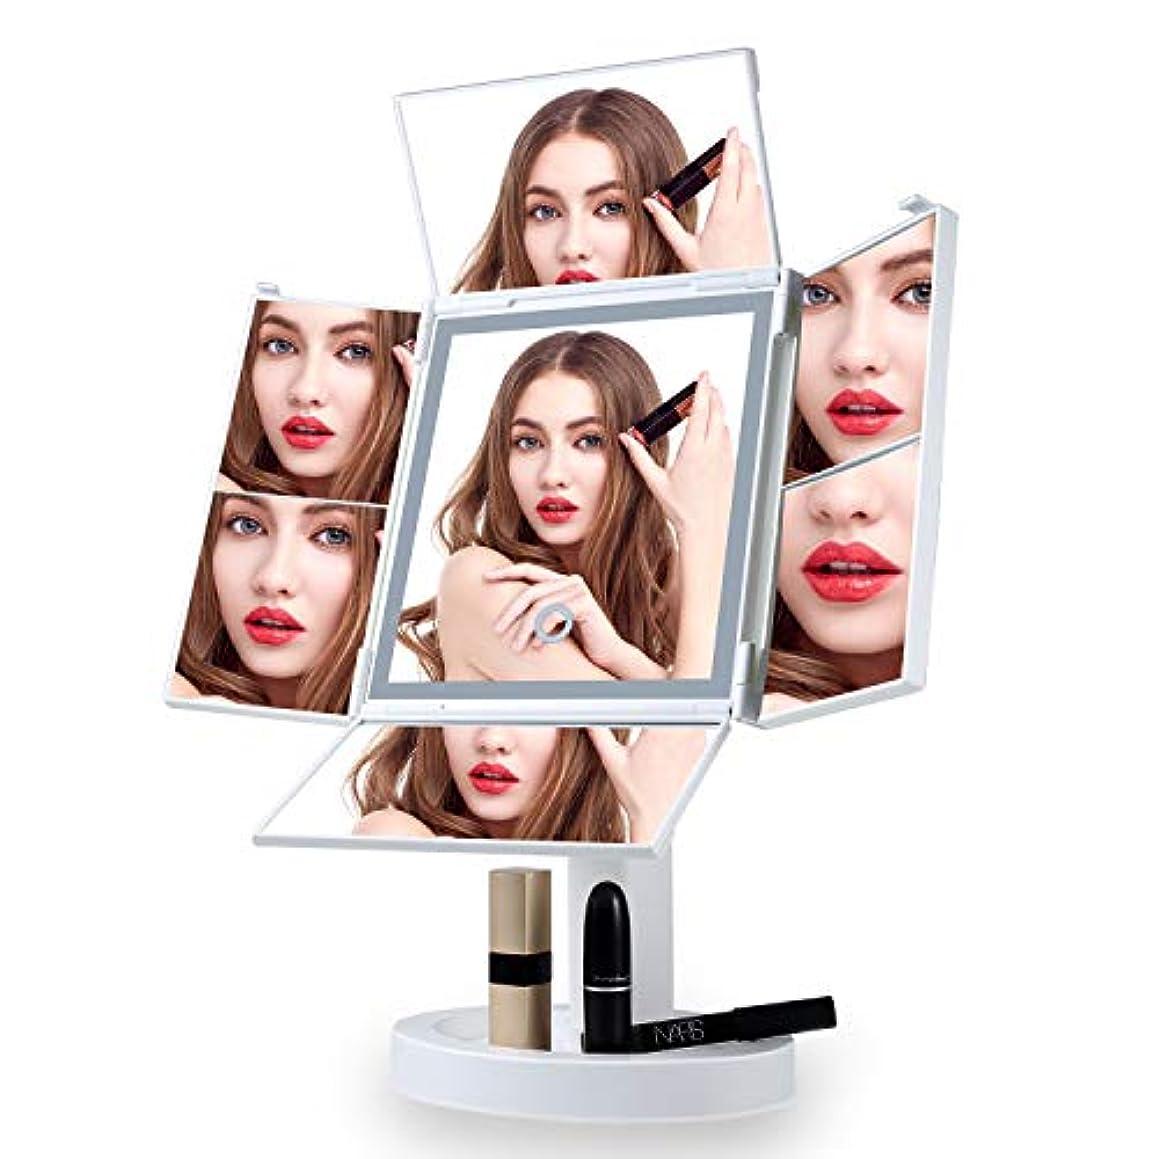 ライセンス申し立てられた凝縮する化粧鏡 女優ミラー 四面鏡 led鏡 卓上鏡 化粧ミラー スタンドミラー 折りたたみ式 ledライト付き 明るさ調整可能 2 x 3 x 5 x 7倍拡大鏡付360°回転 電池&USB 2WAY給電